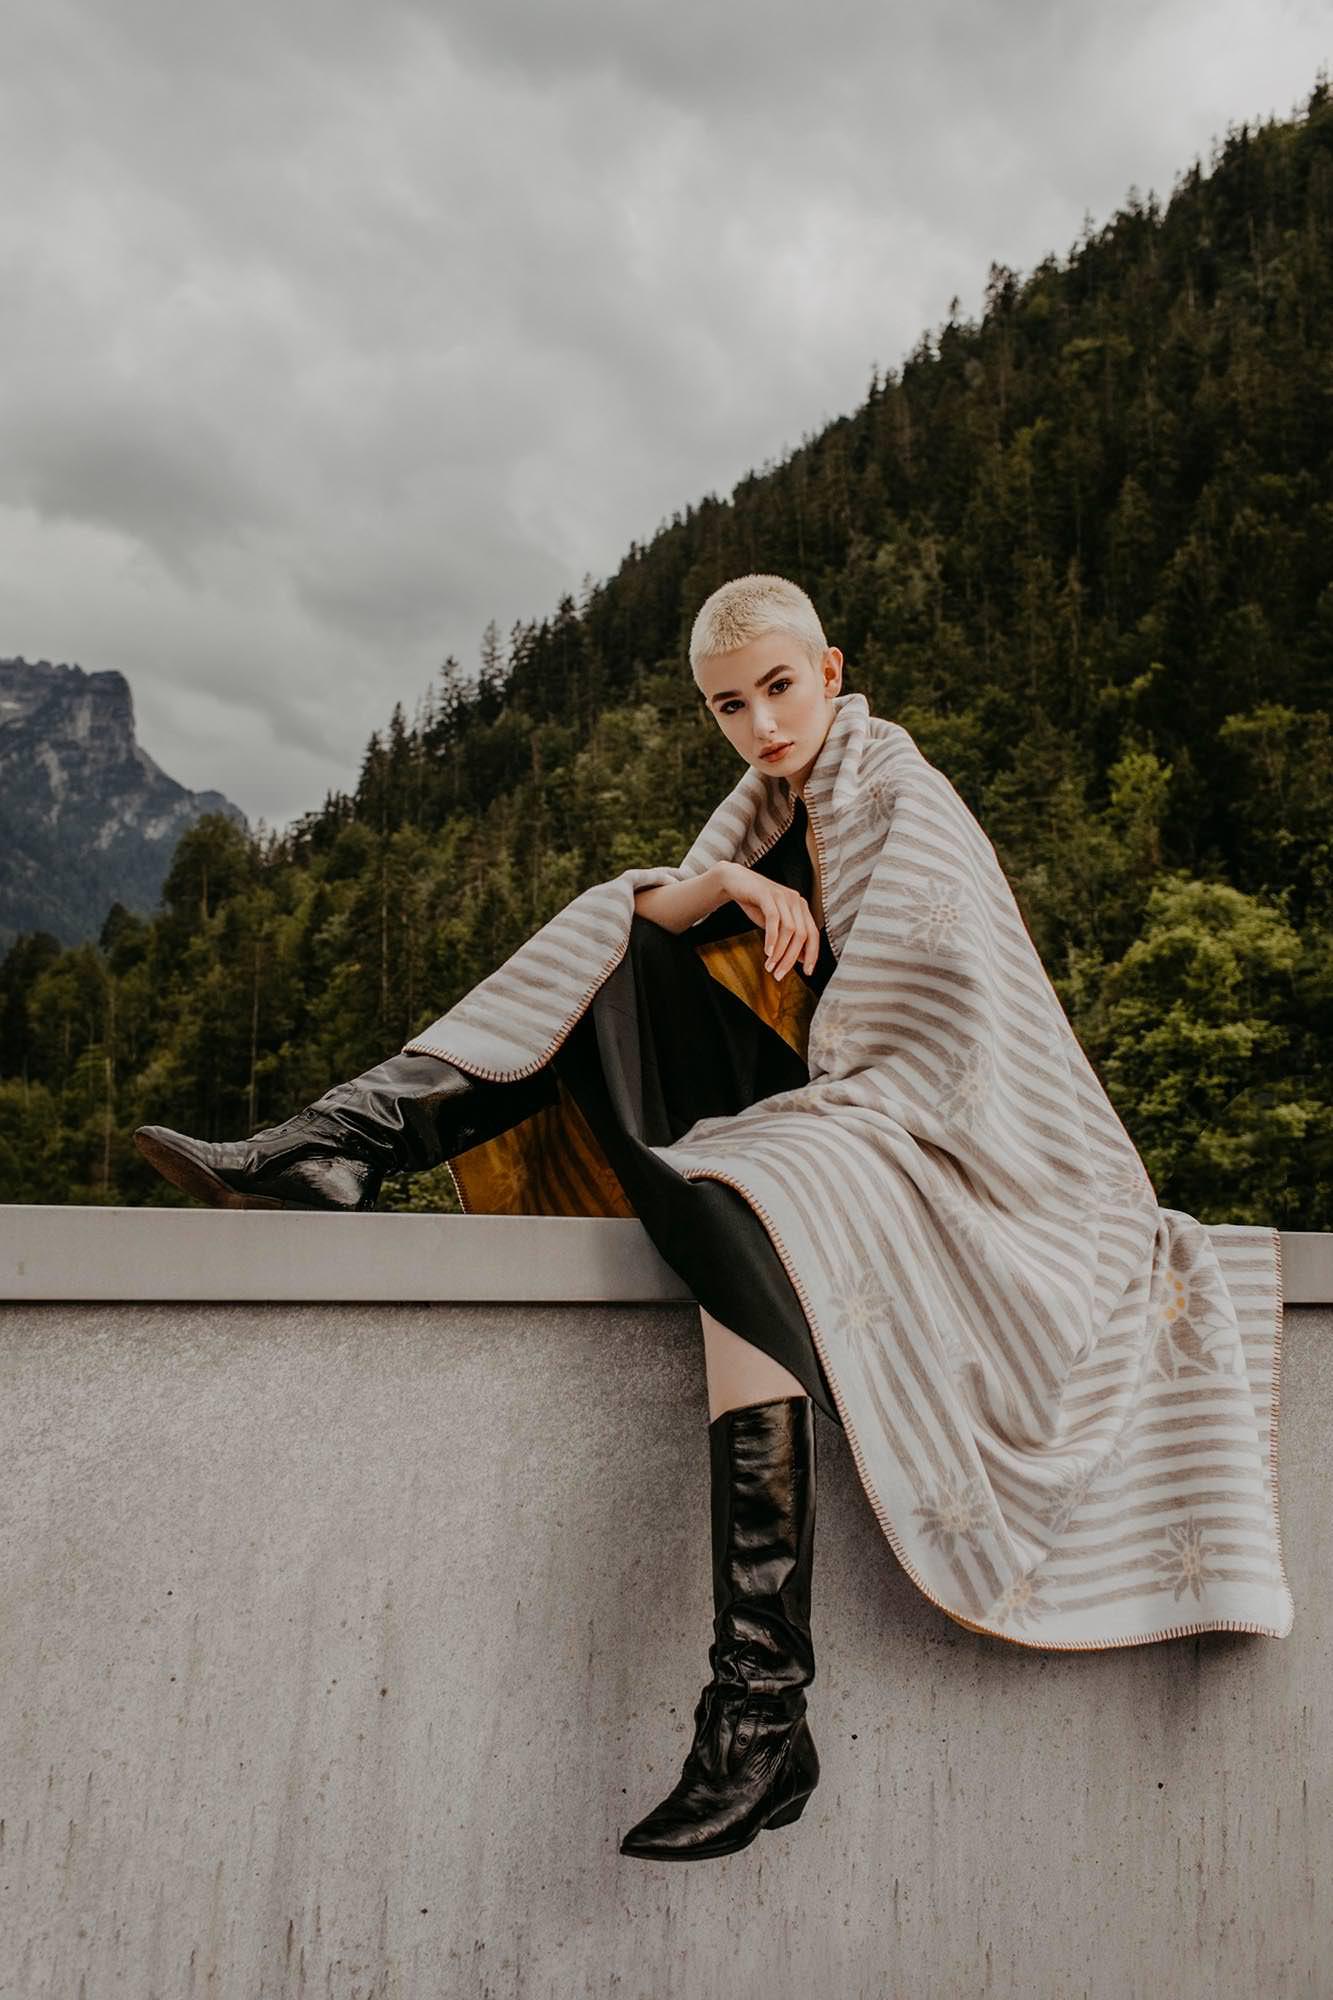 Zuerich-Fashion-Fotograf-Fashionfotografie-Anna-Fichtner-N4